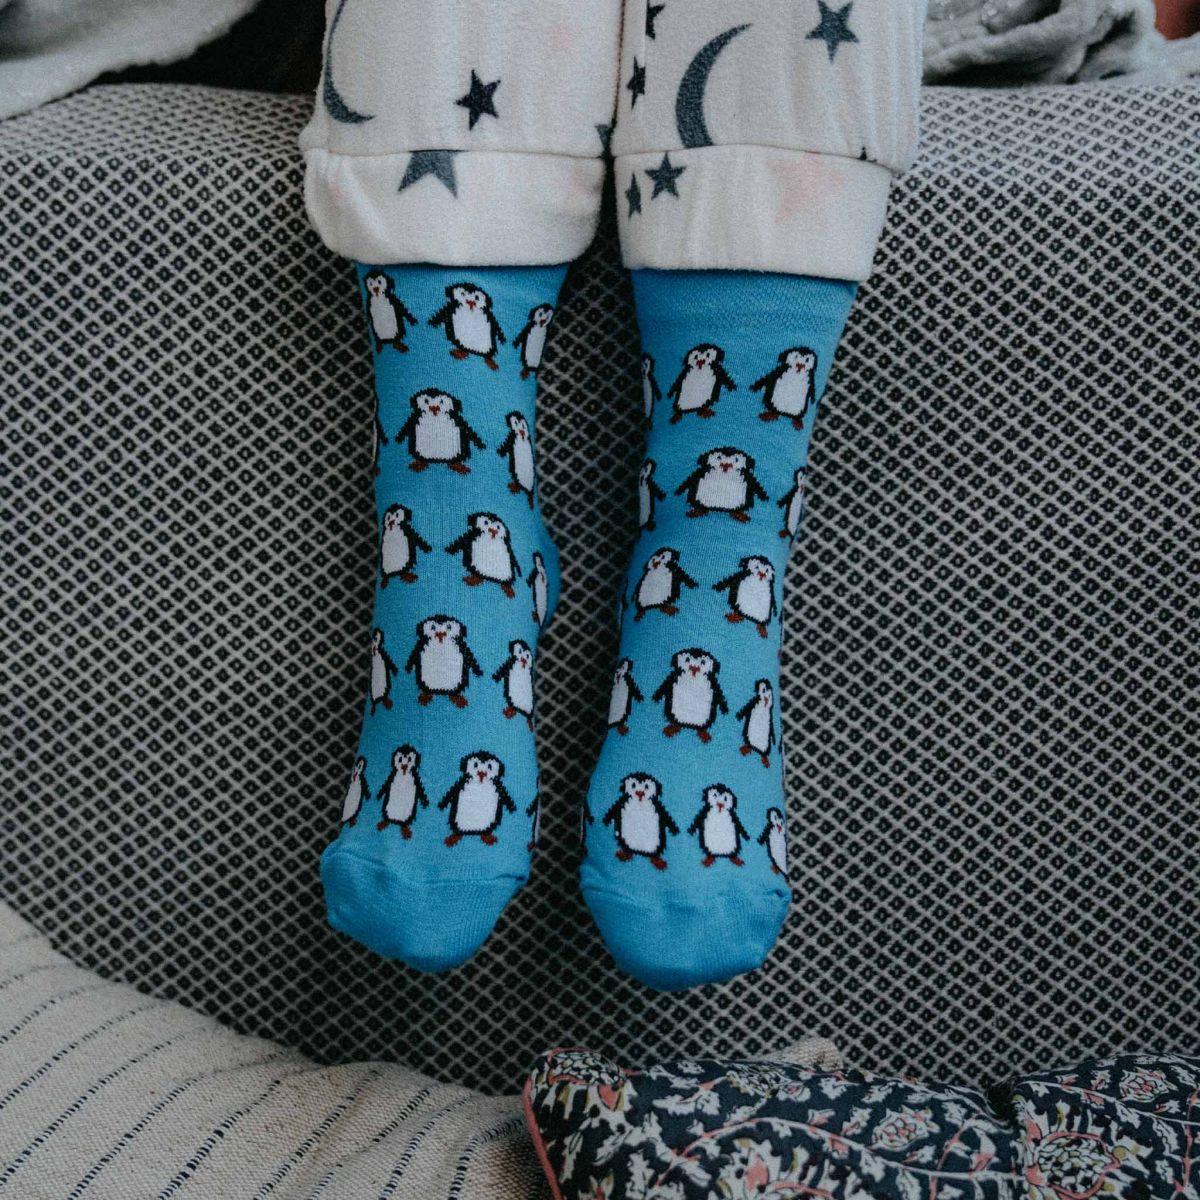 Șosete - Pinguini p2